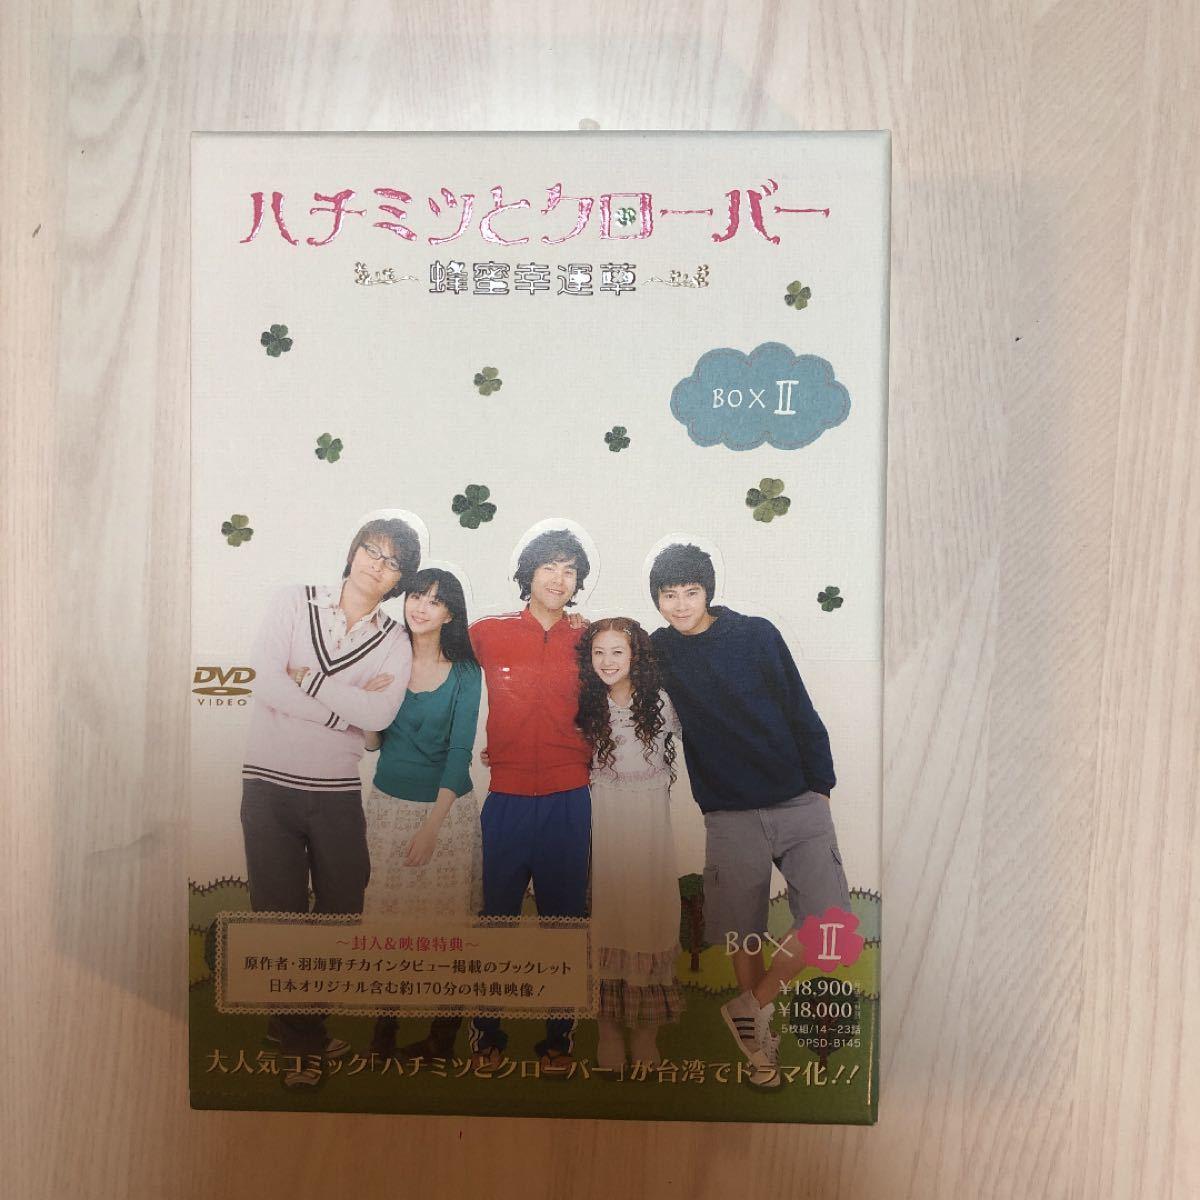 DVD/海外TVドラマ/ハチミツとクローバー〜蜂蜜幸運草〜 DVD-BOXII